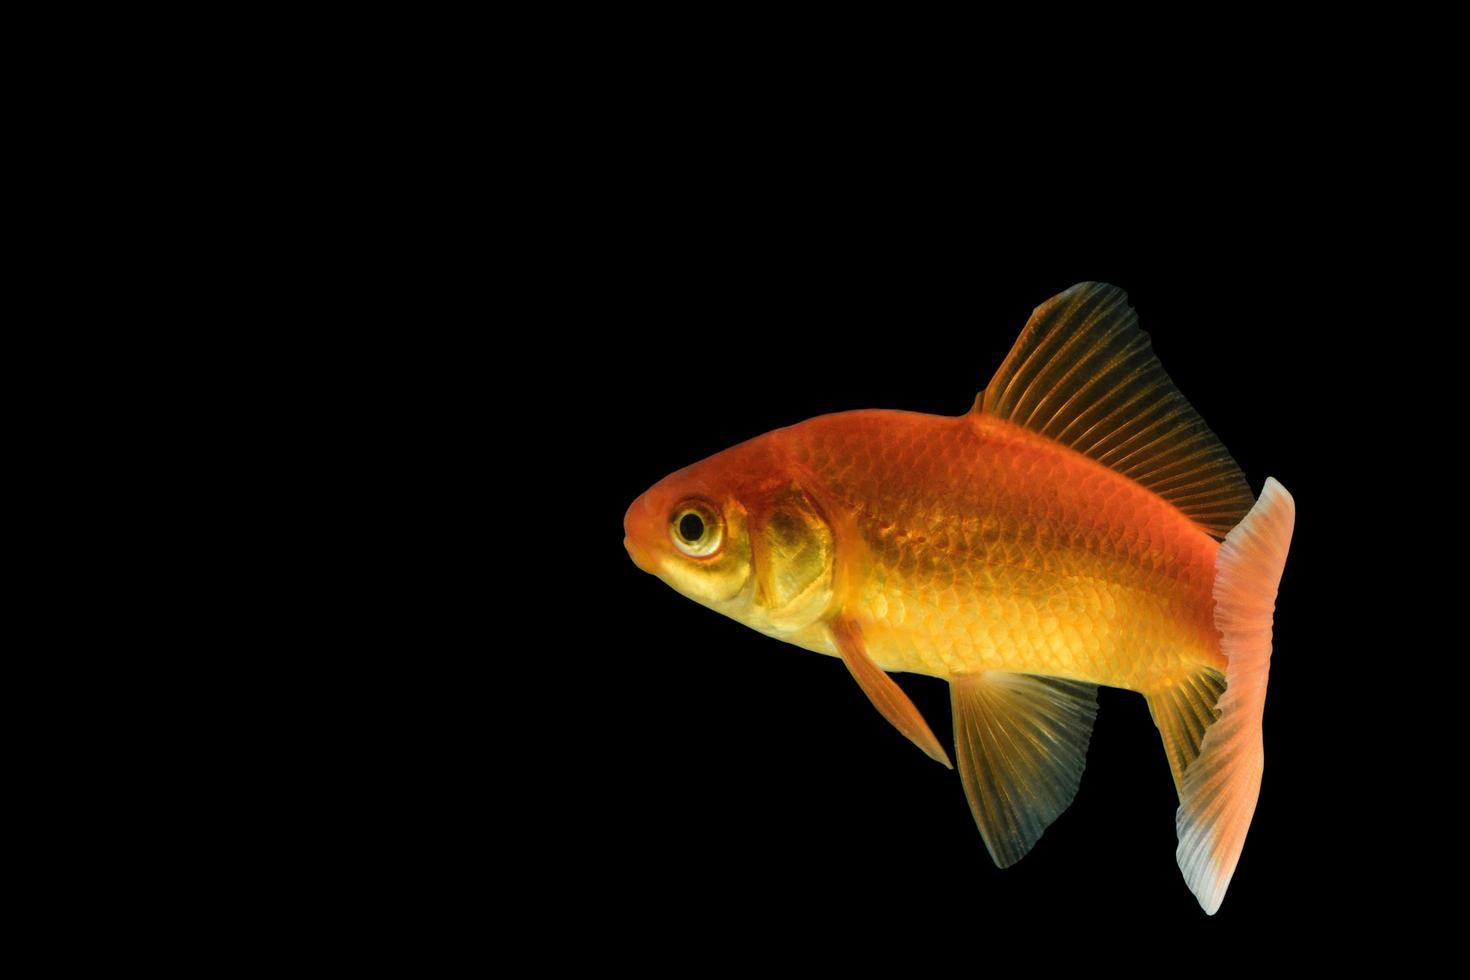 carpa pez dorado sobre fondo negro foto